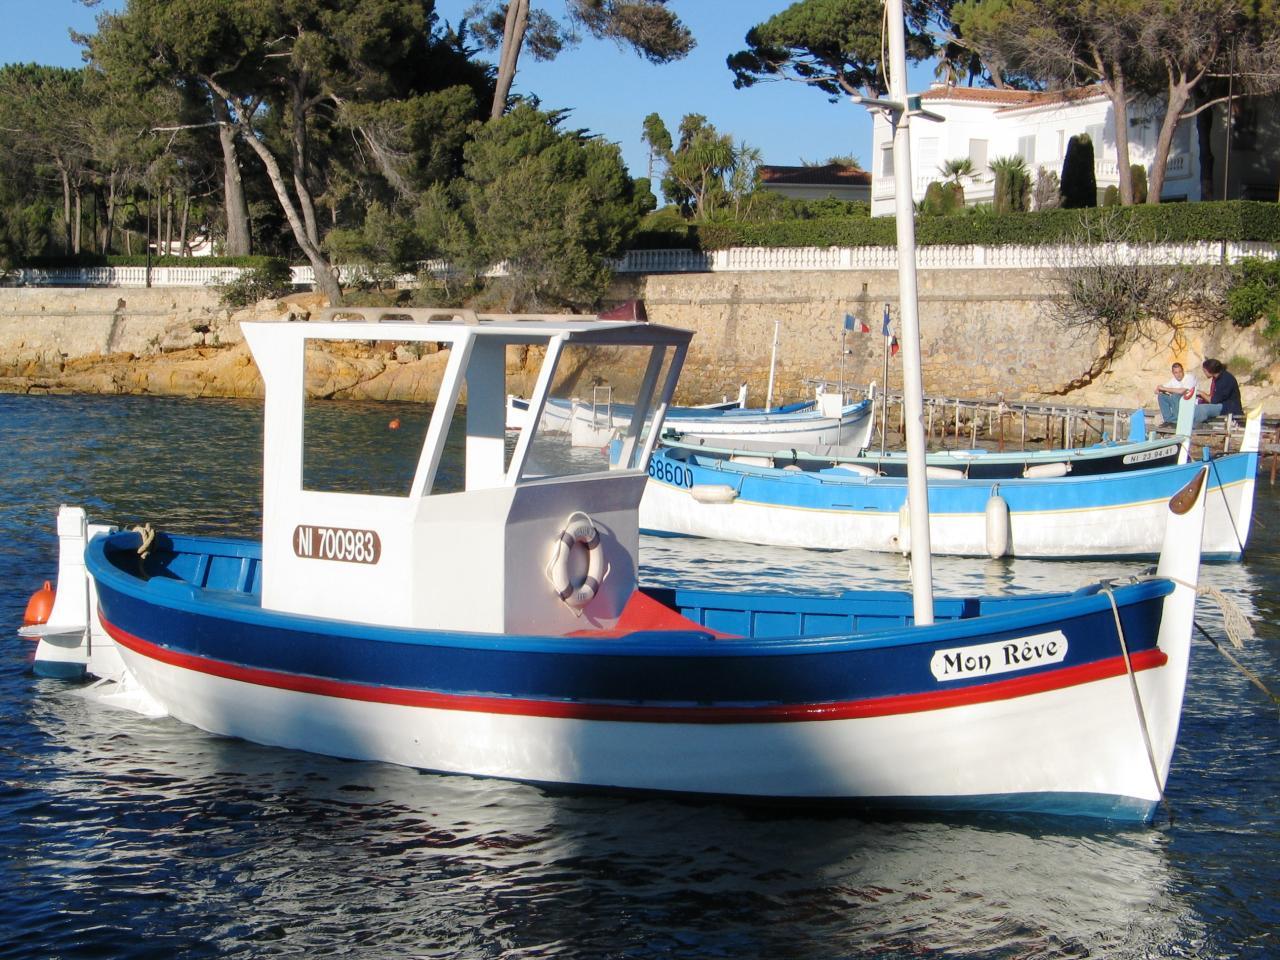 Bleu comme ... les barques de l'Olivette (Cap d'Antibes)